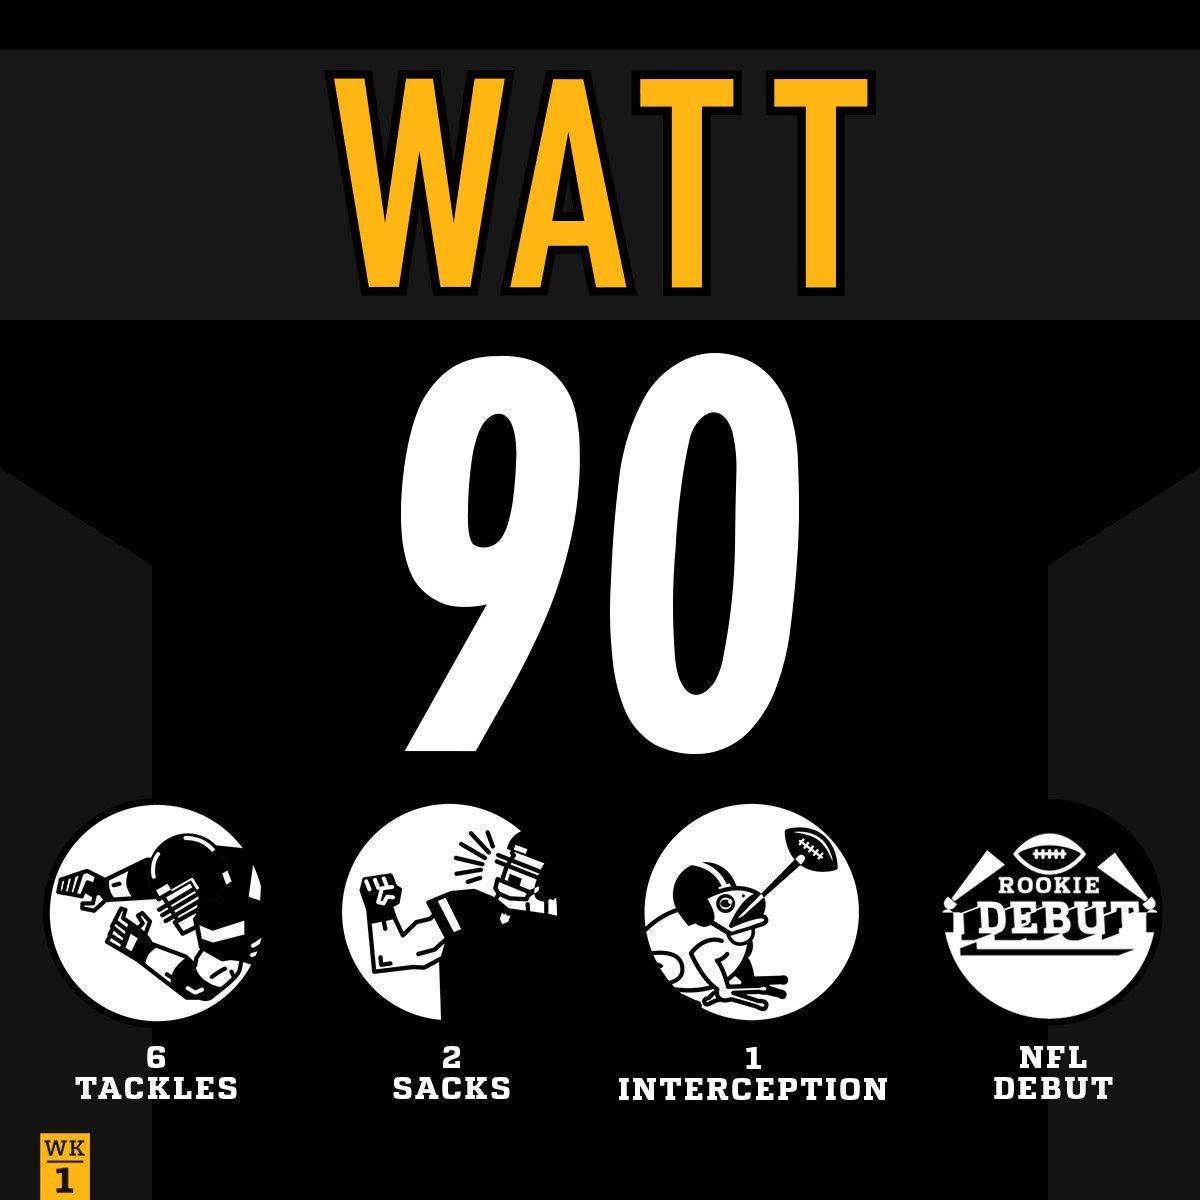 TJ Watt